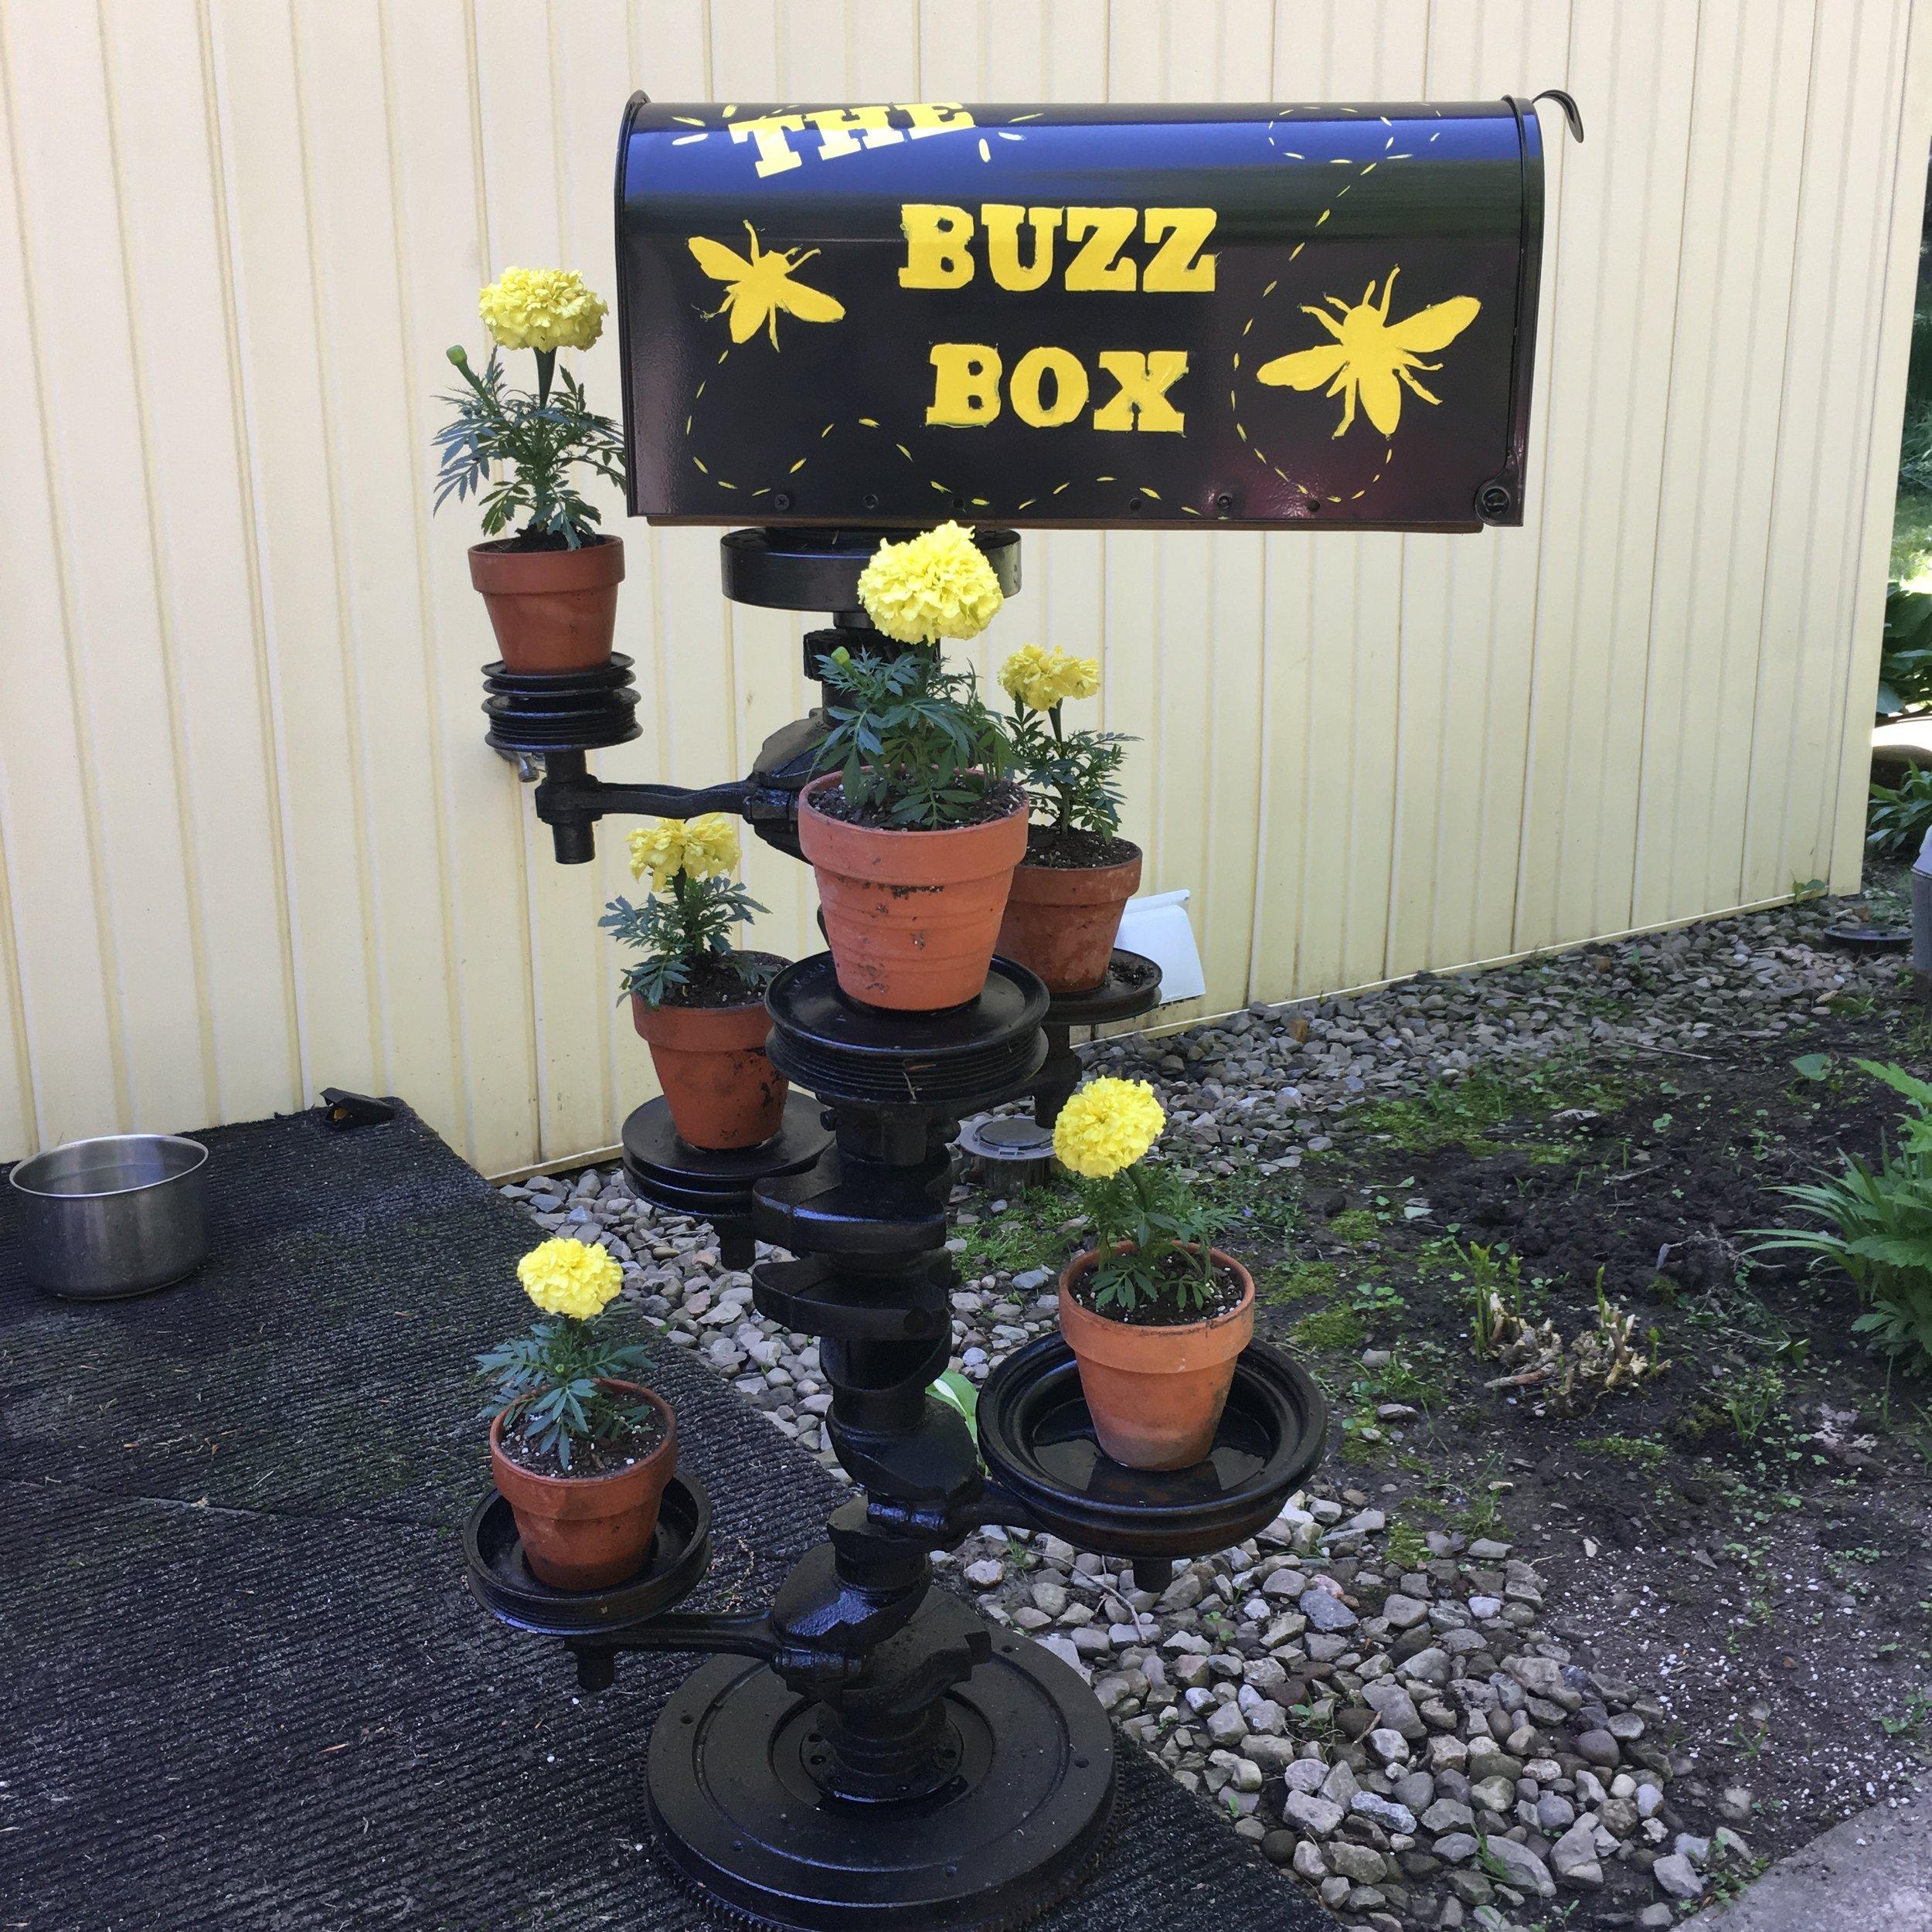 Assembling The Buzz Box at Schaefer's Auto Art.JPG